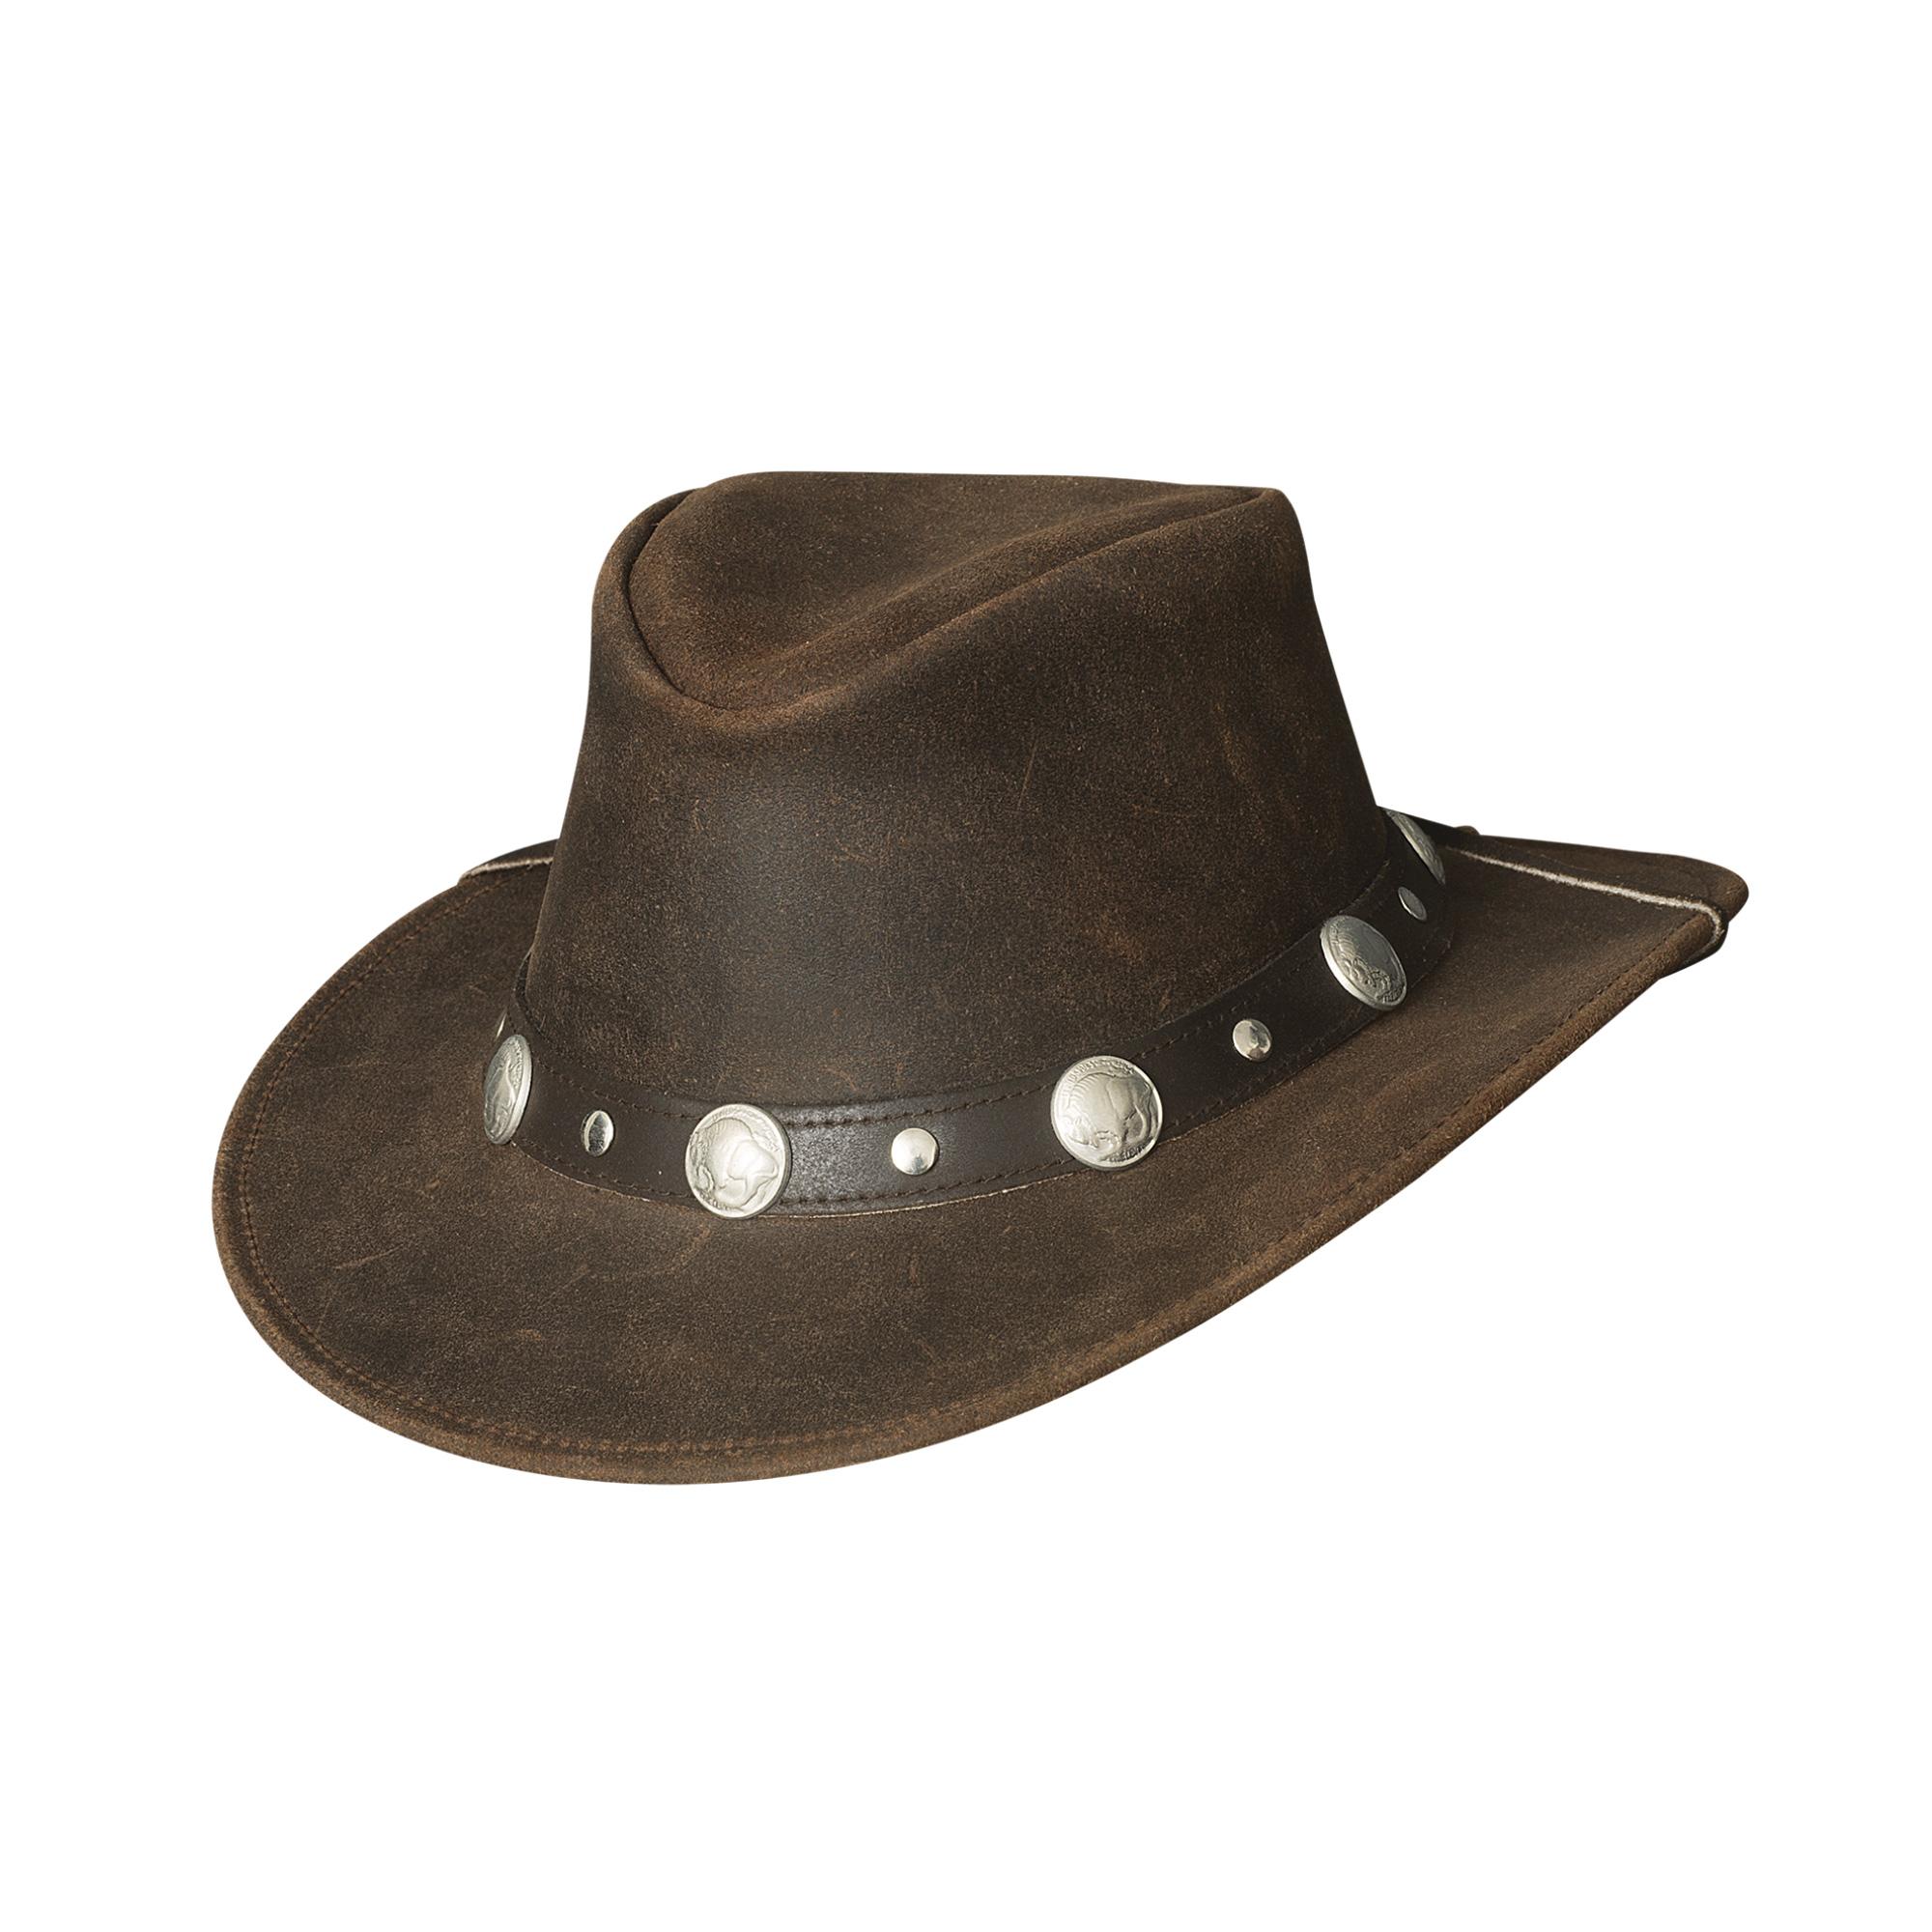 d043d1b8b ARAPAHOE | BULLHIDE HATS